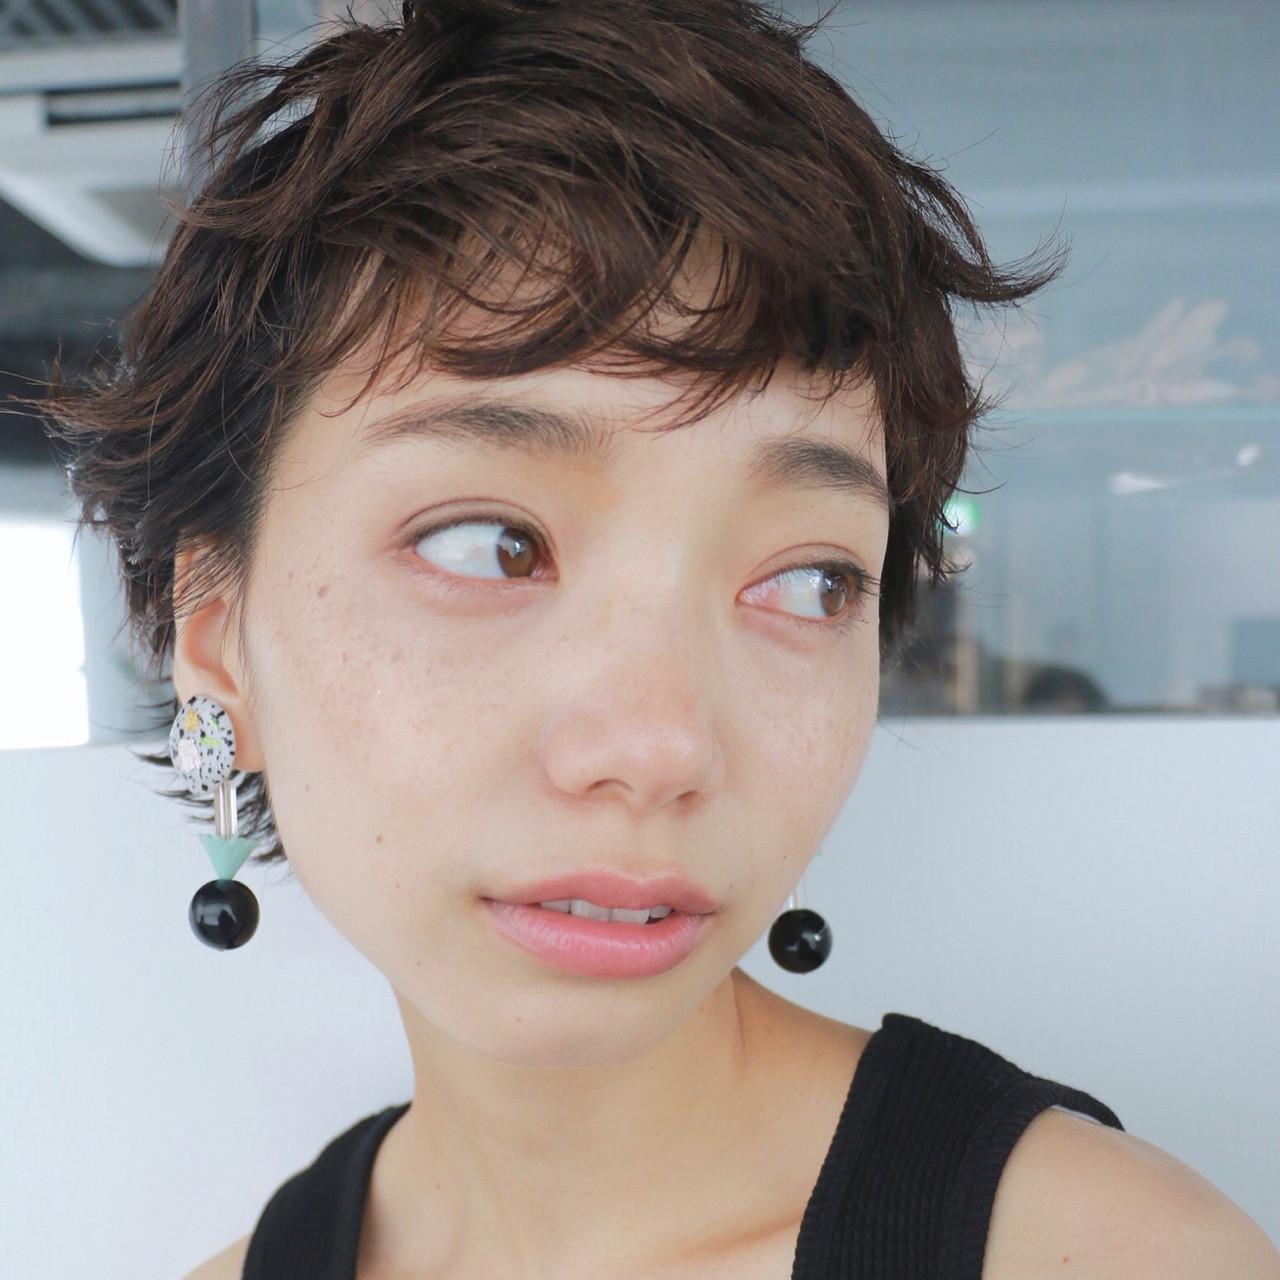 目指したいのは海外セレブの髪型!頭の形がきれいに見える外国人風ショート 高橋 忍  nanuk渋谷店(ナヌーク)